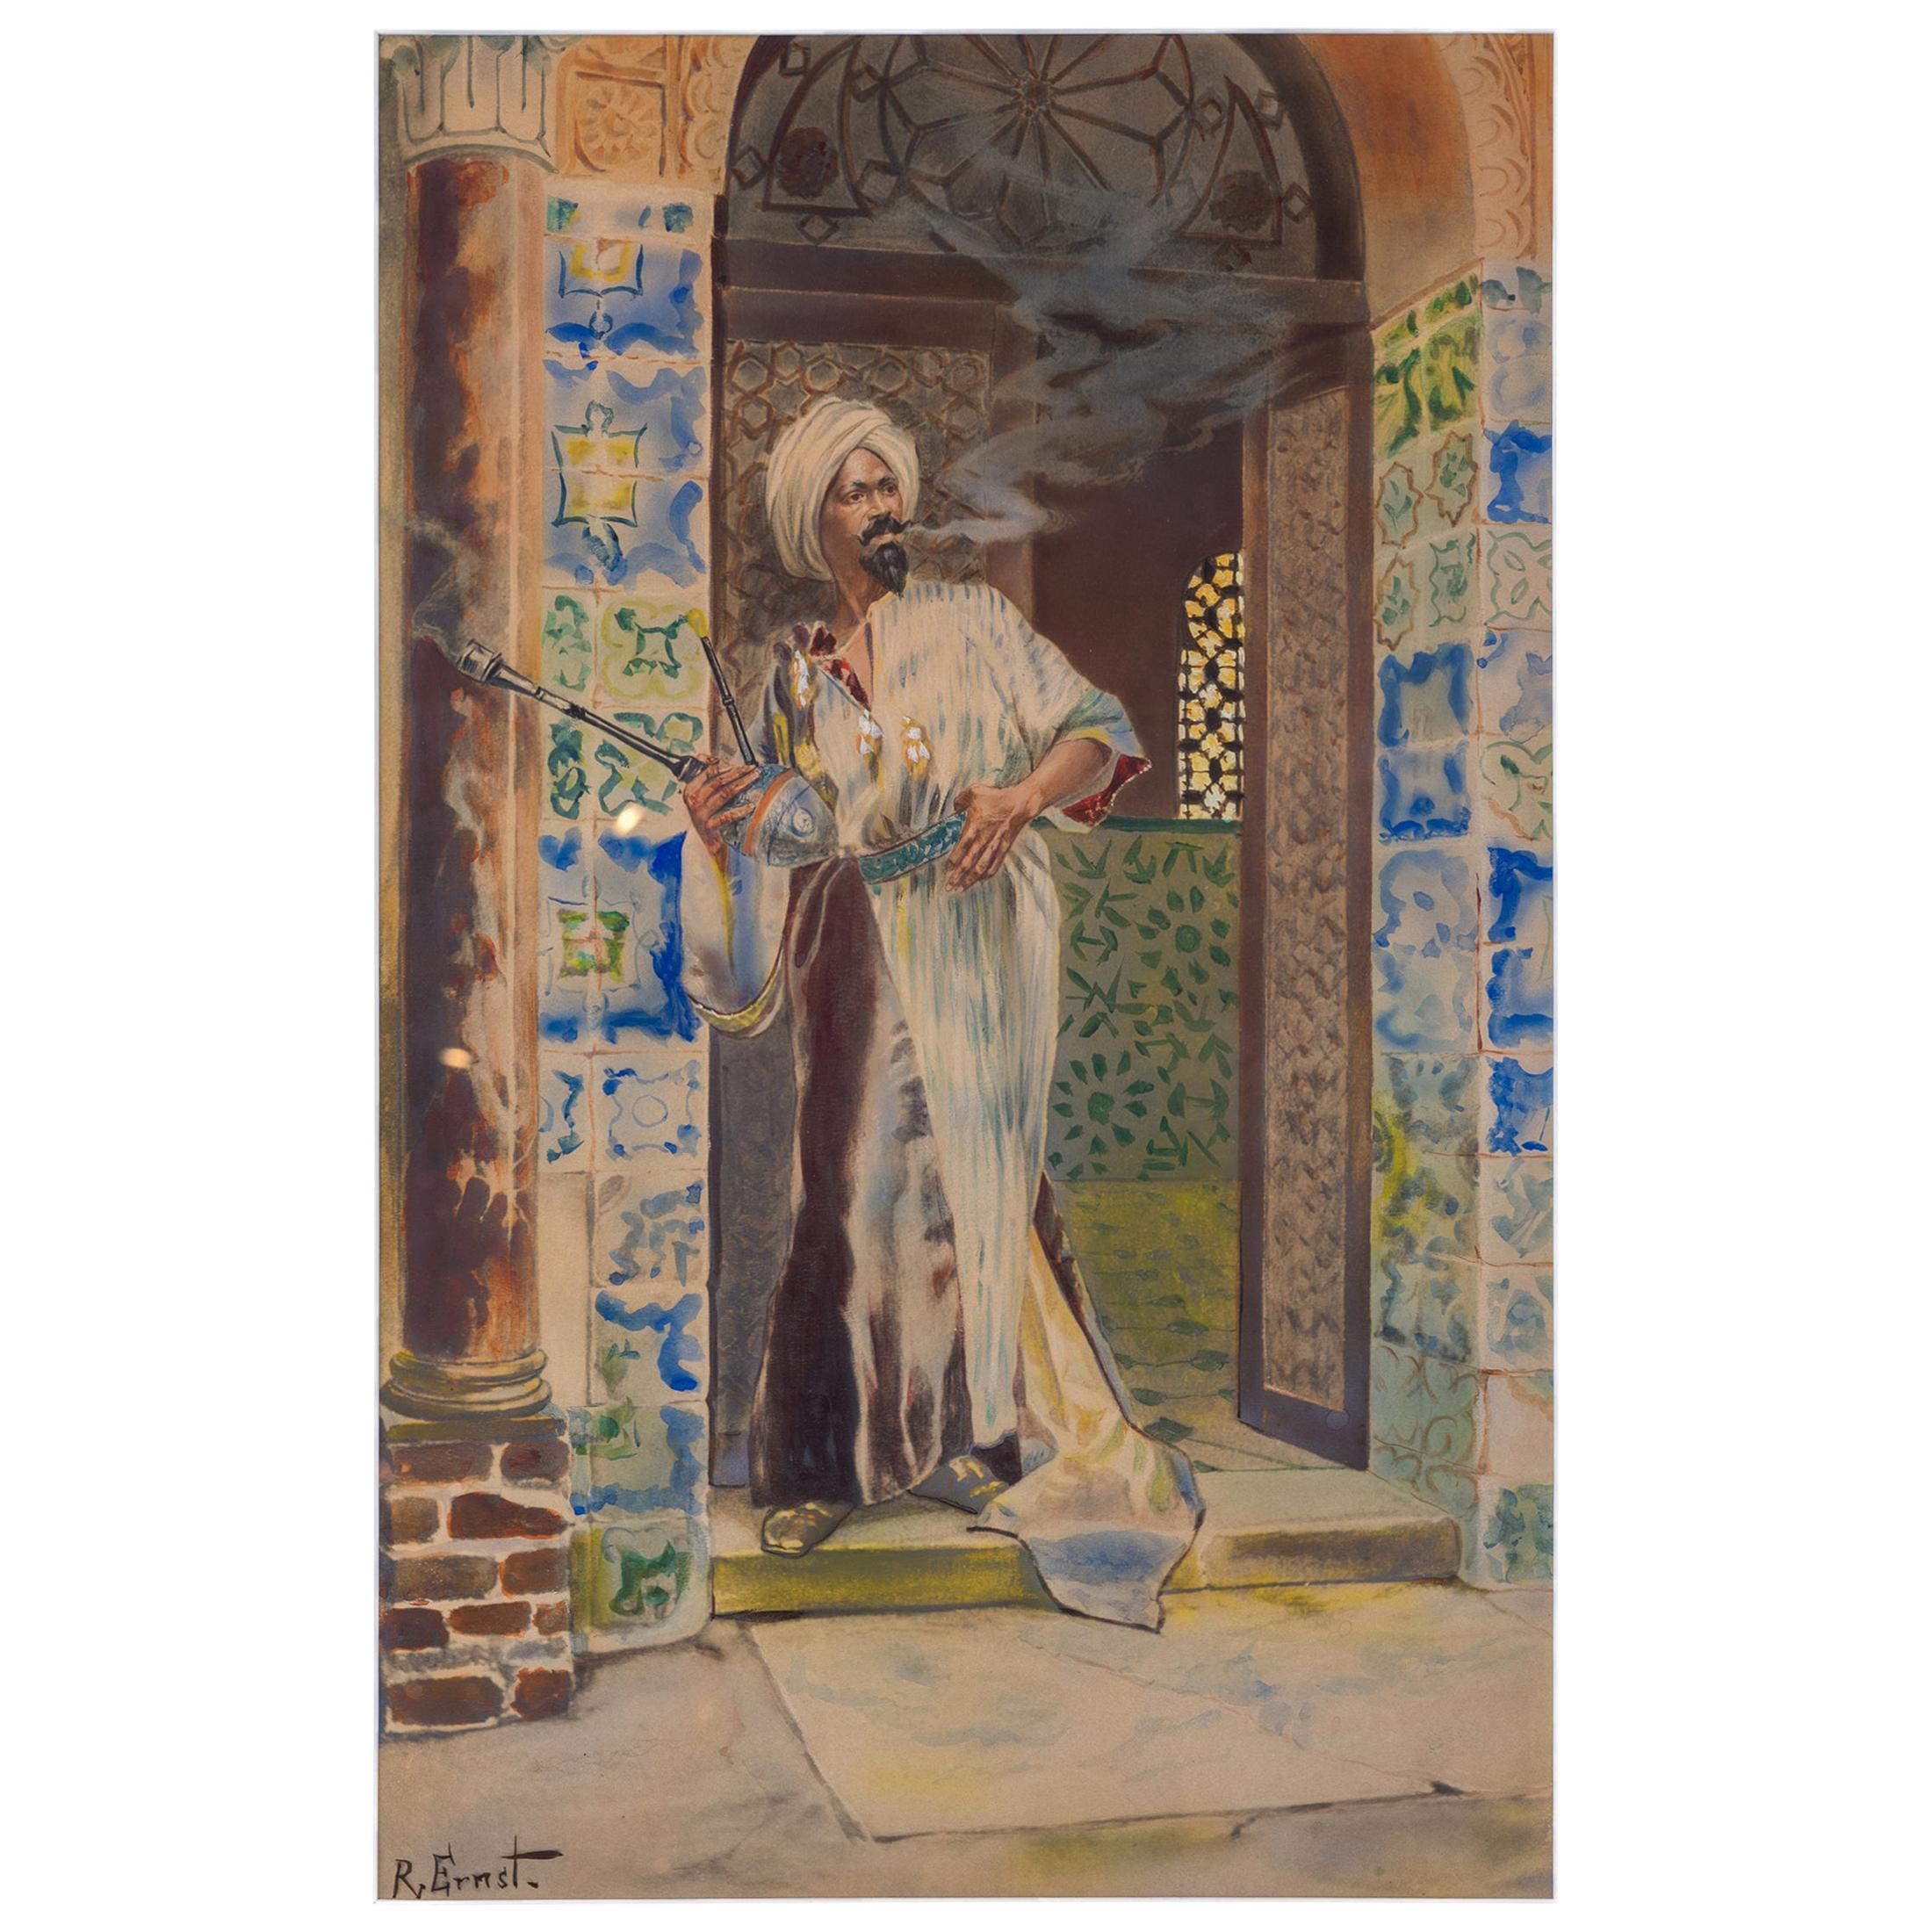 Fine Watercolor Painting of an Arab Man Smoking in Doorway by Rudolf Ernst